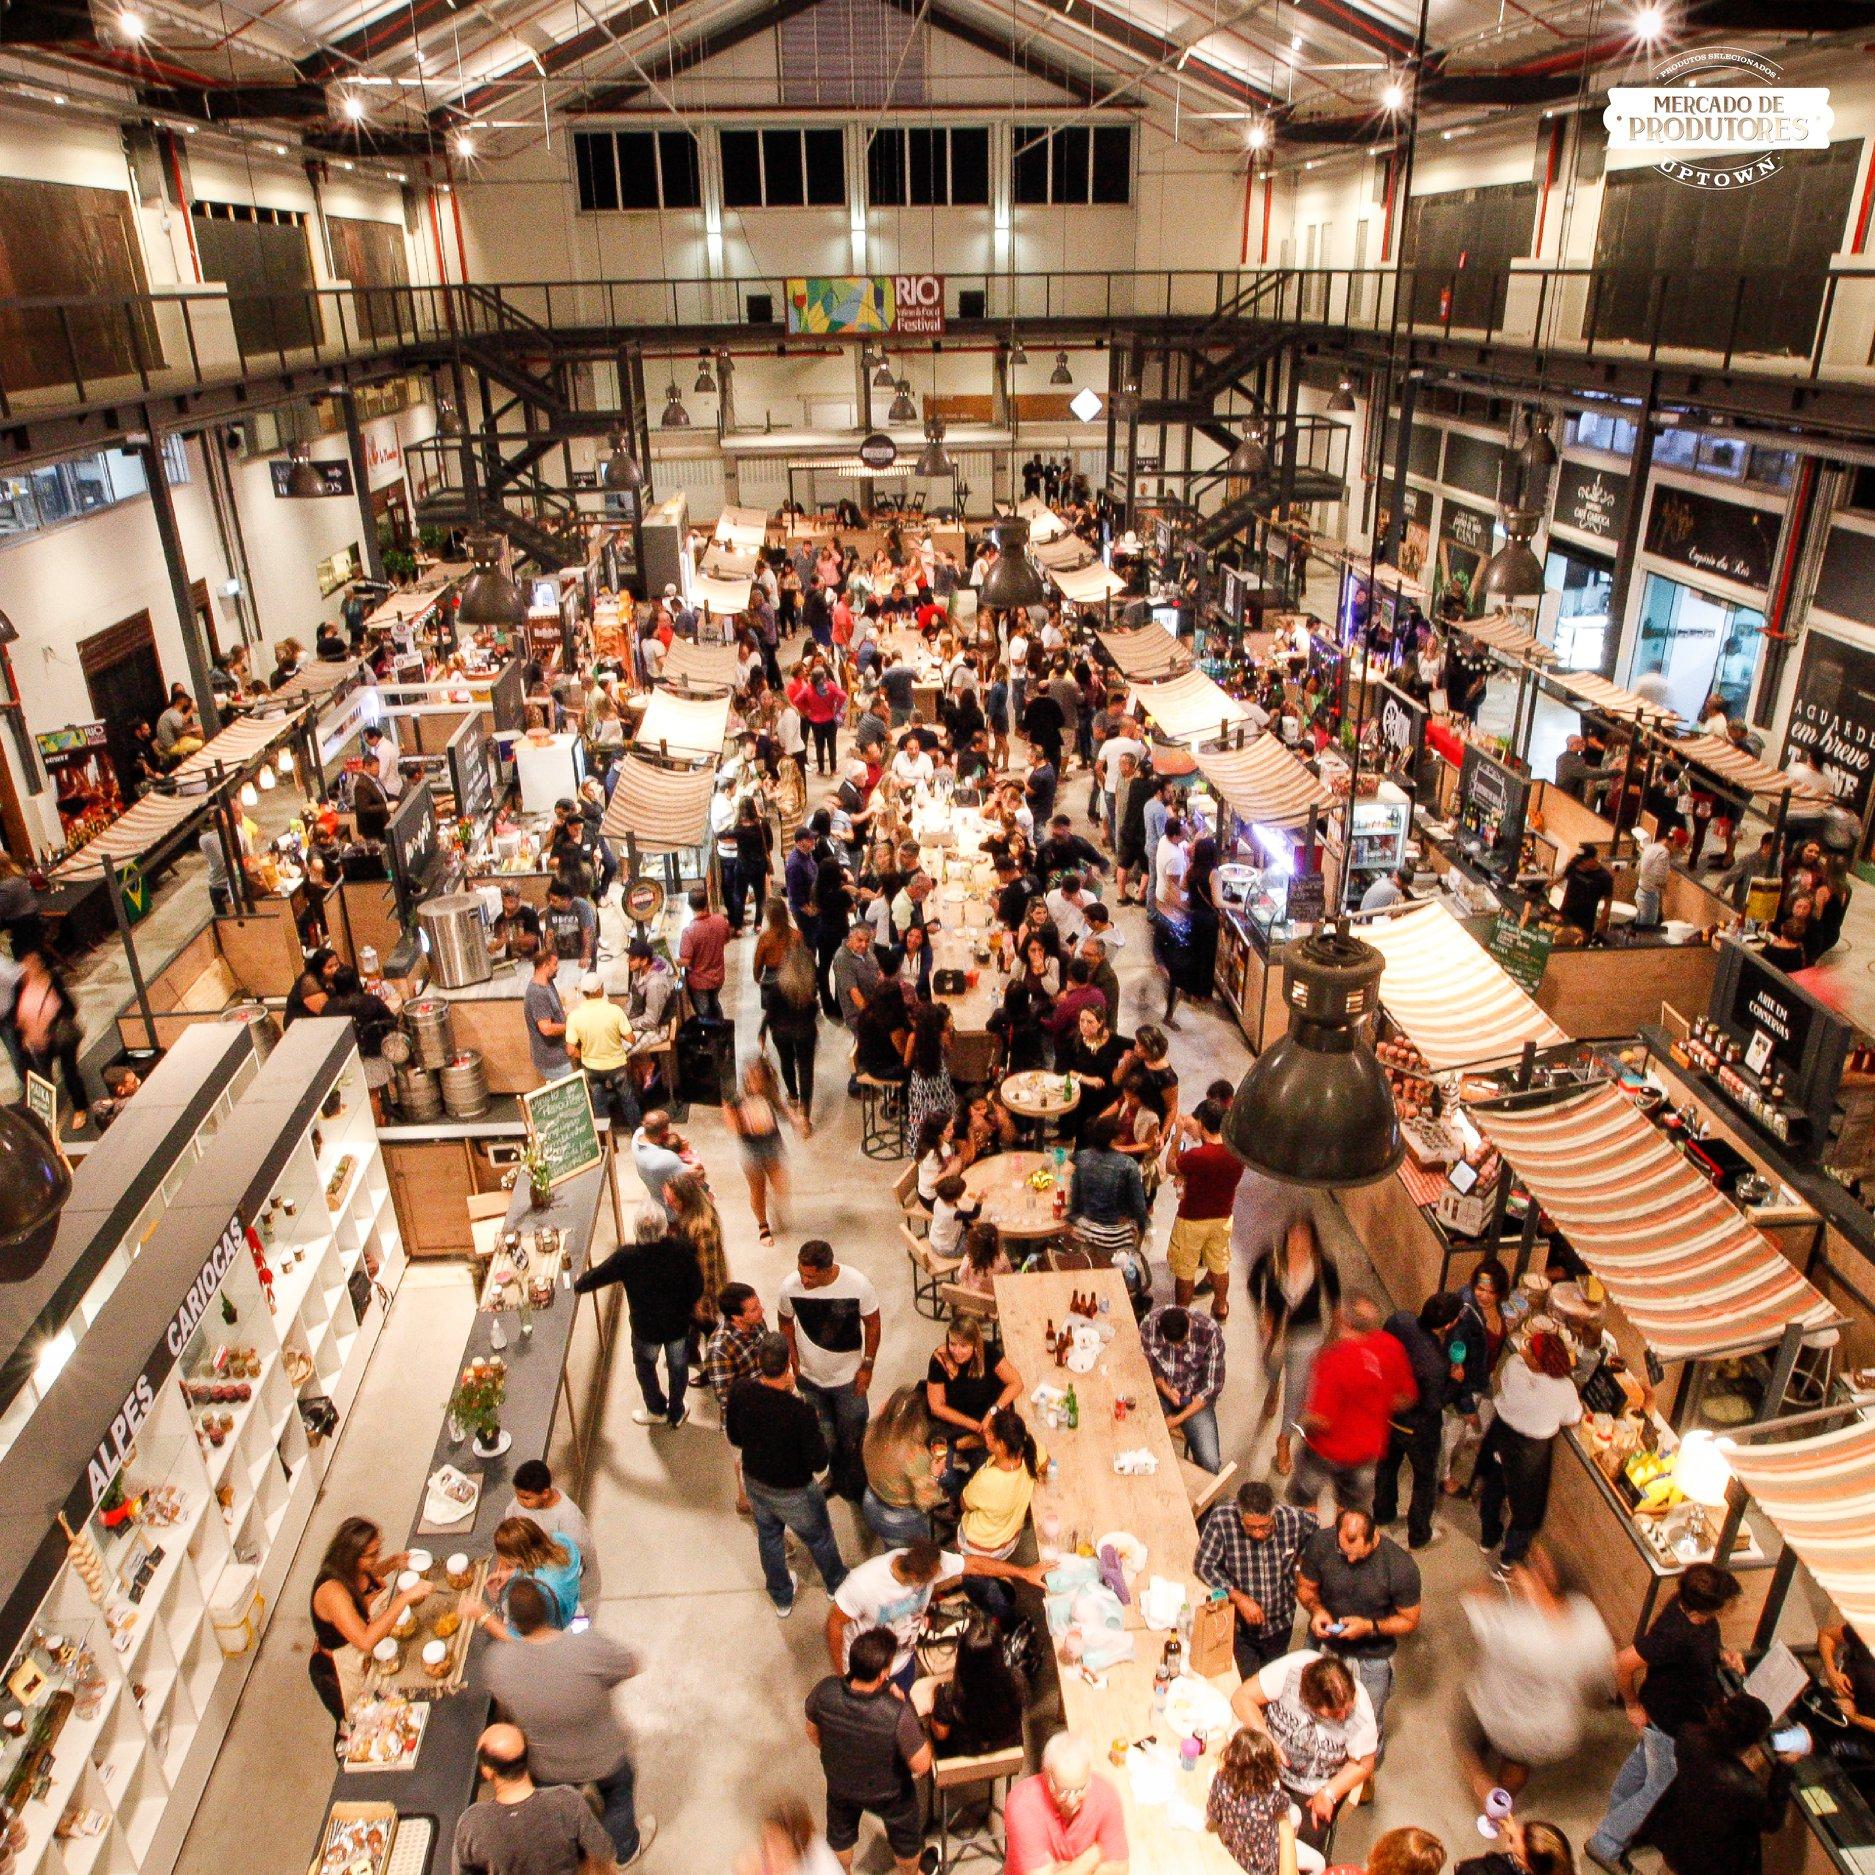 Mercado de Produtores - Uptown Barra